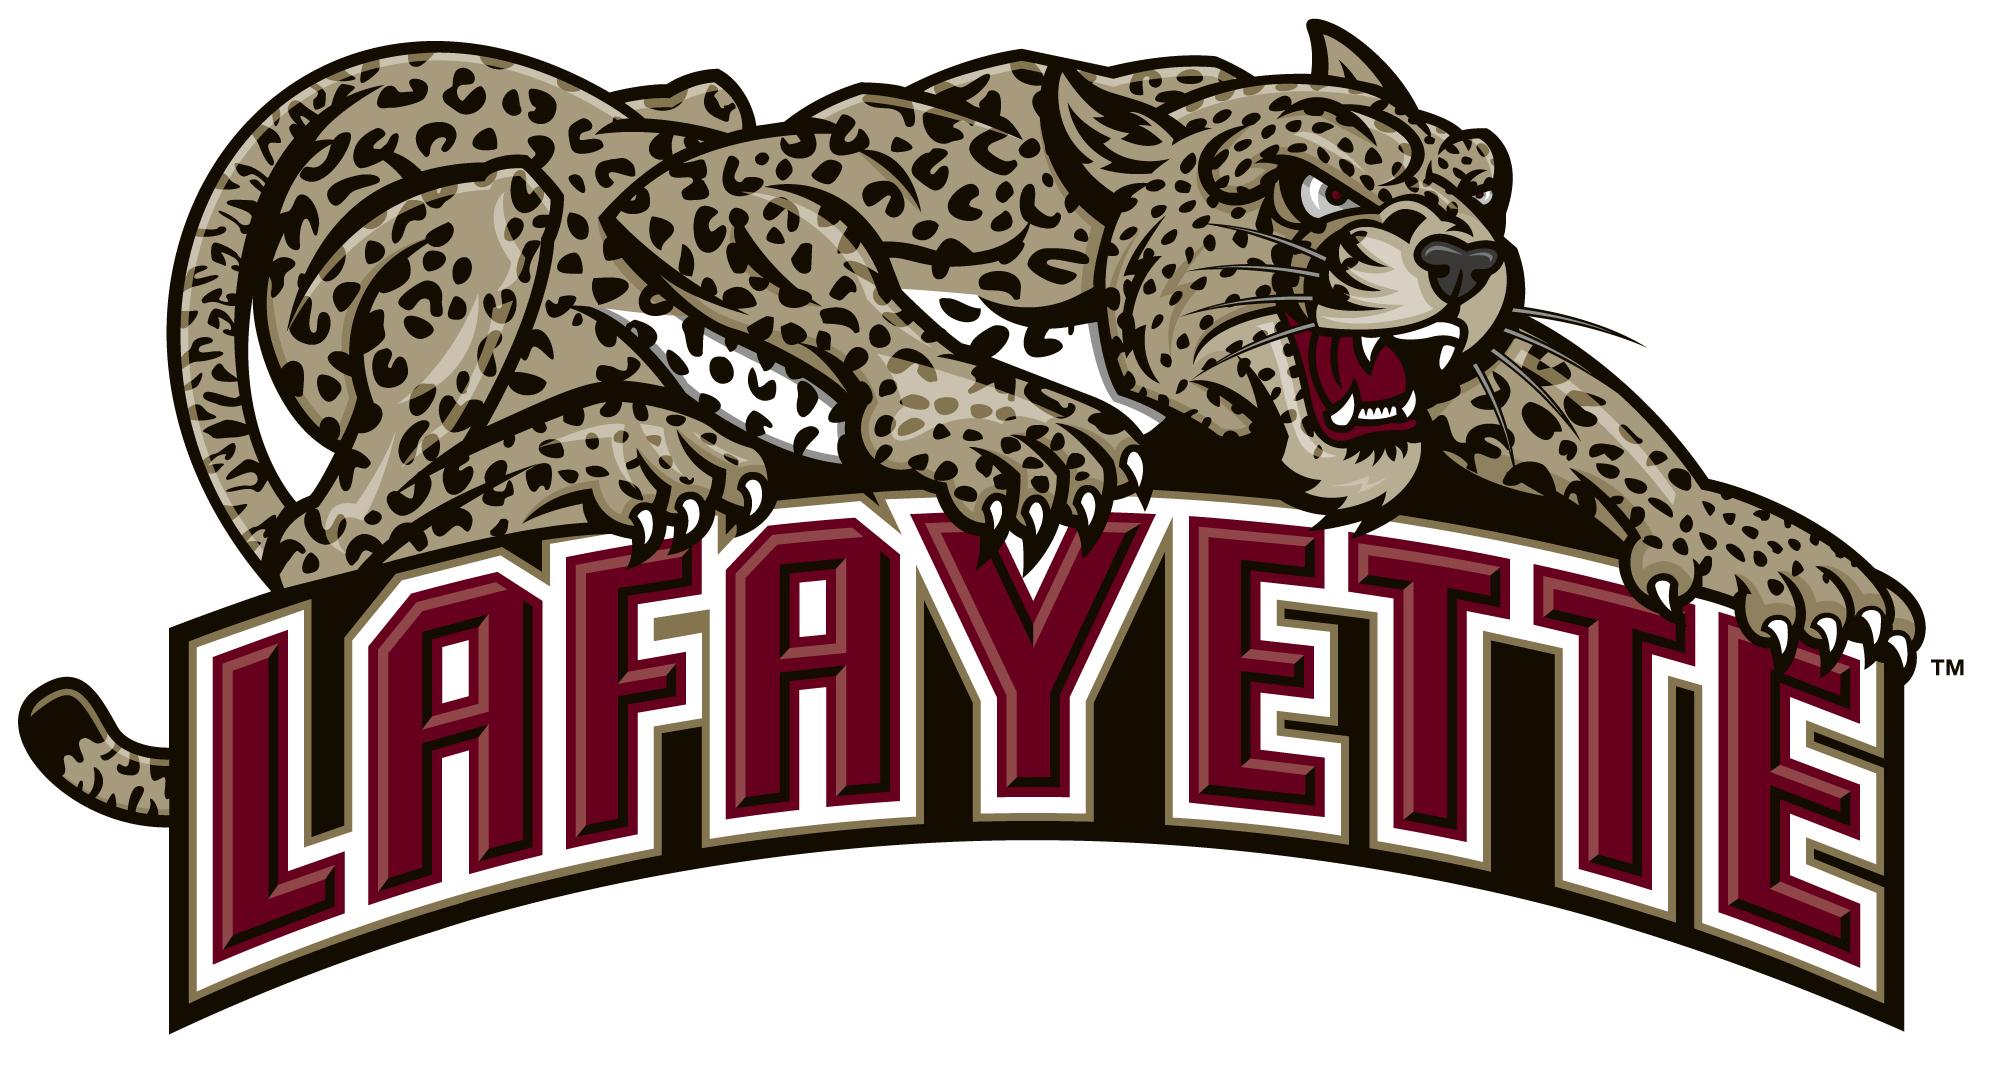 lafayette-college-a55d1dbce89efa.jpg